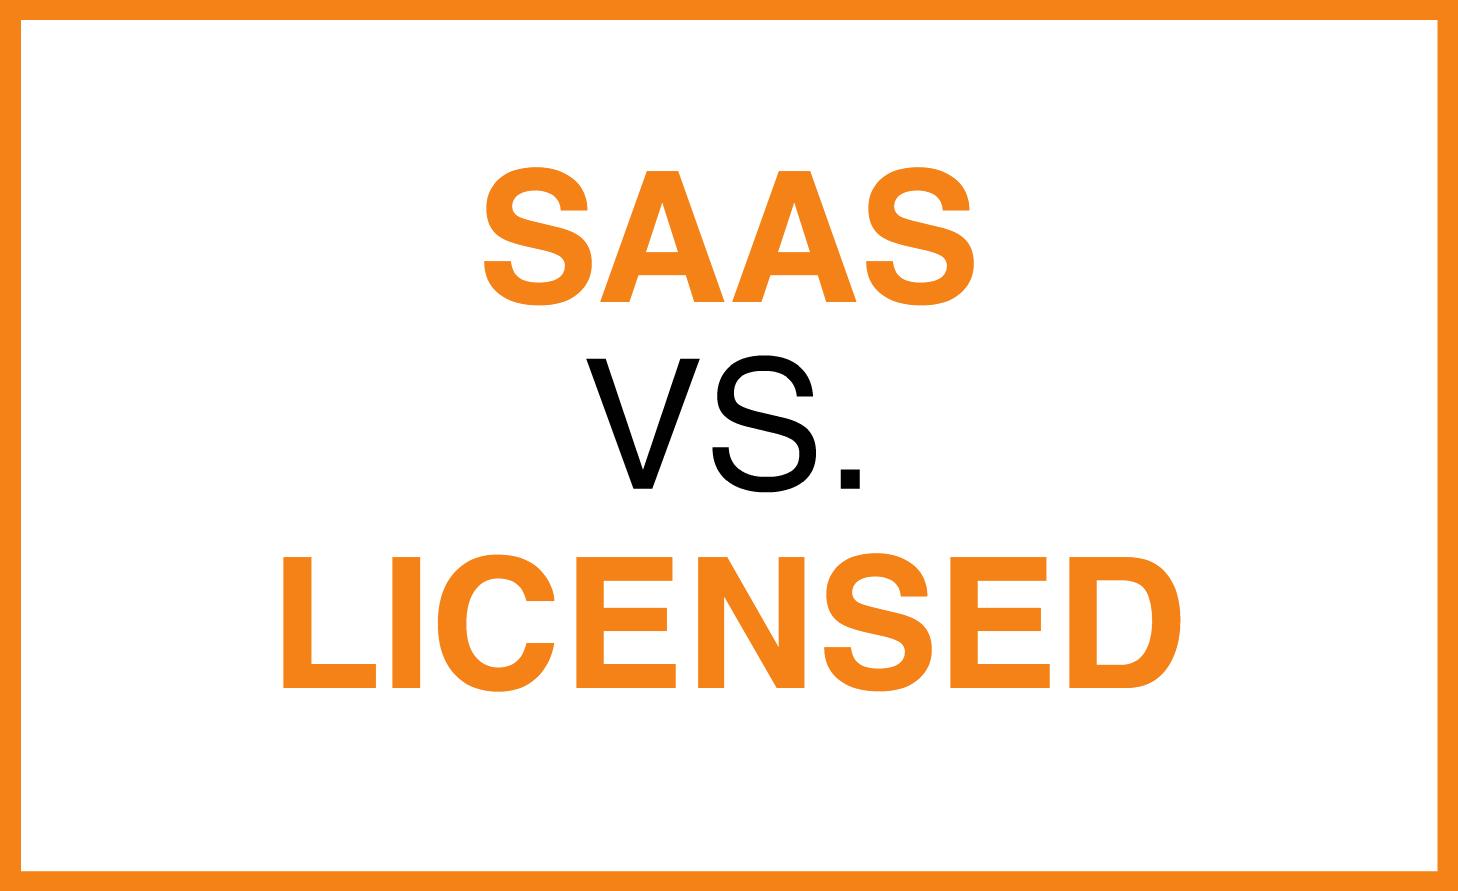 saas_vs_licensed.png